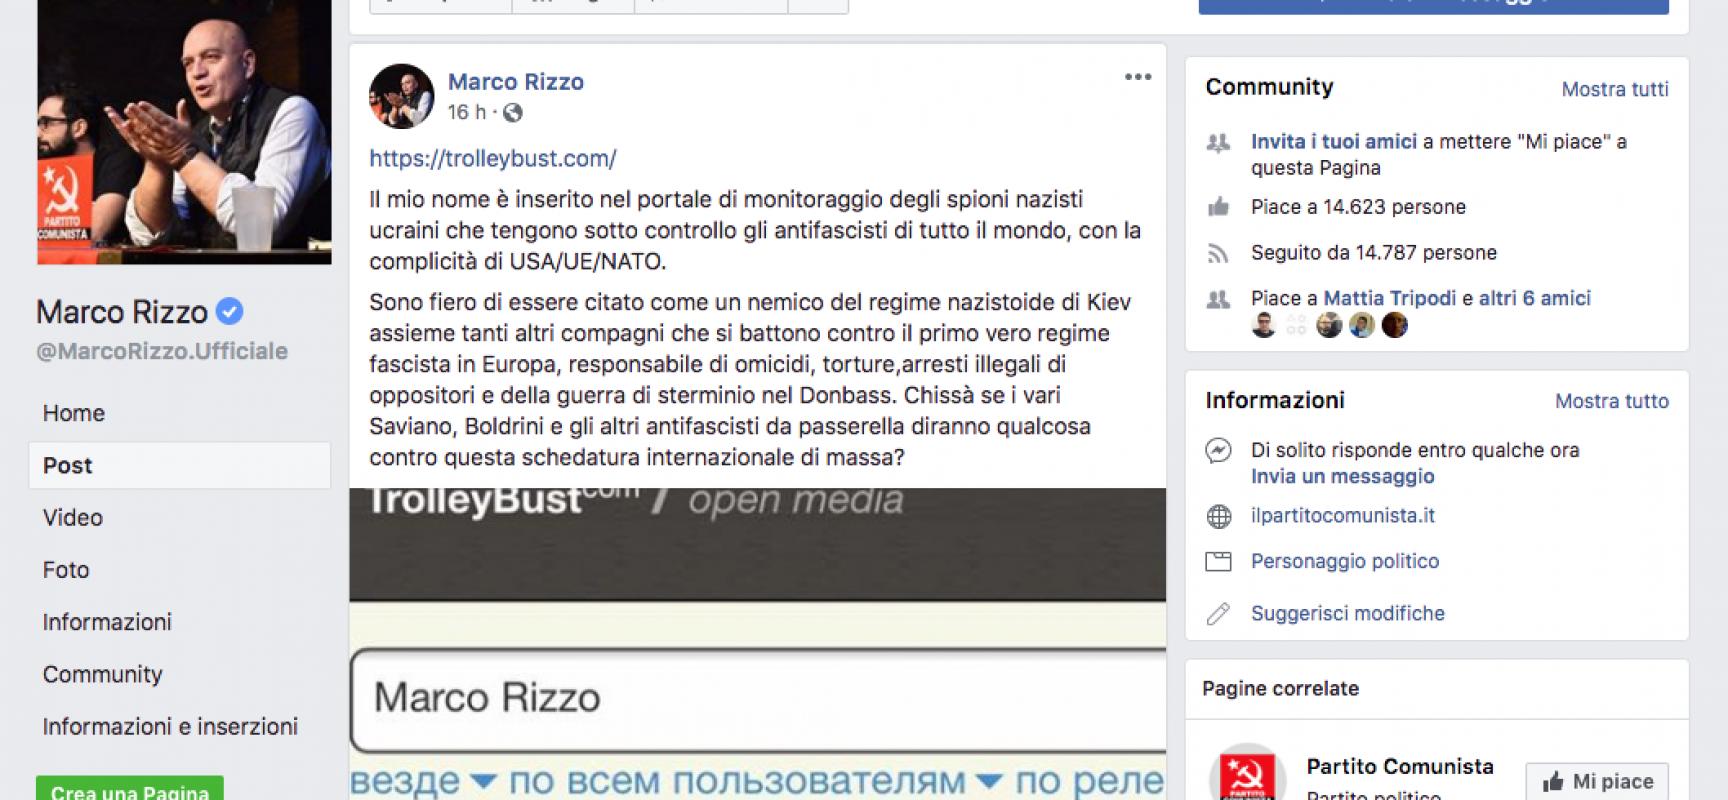 """Marco Rizzo dei Comunisti italiani : """"Sono fiero di essere citato come un nemico del regime nazistoide di Kiev """""""